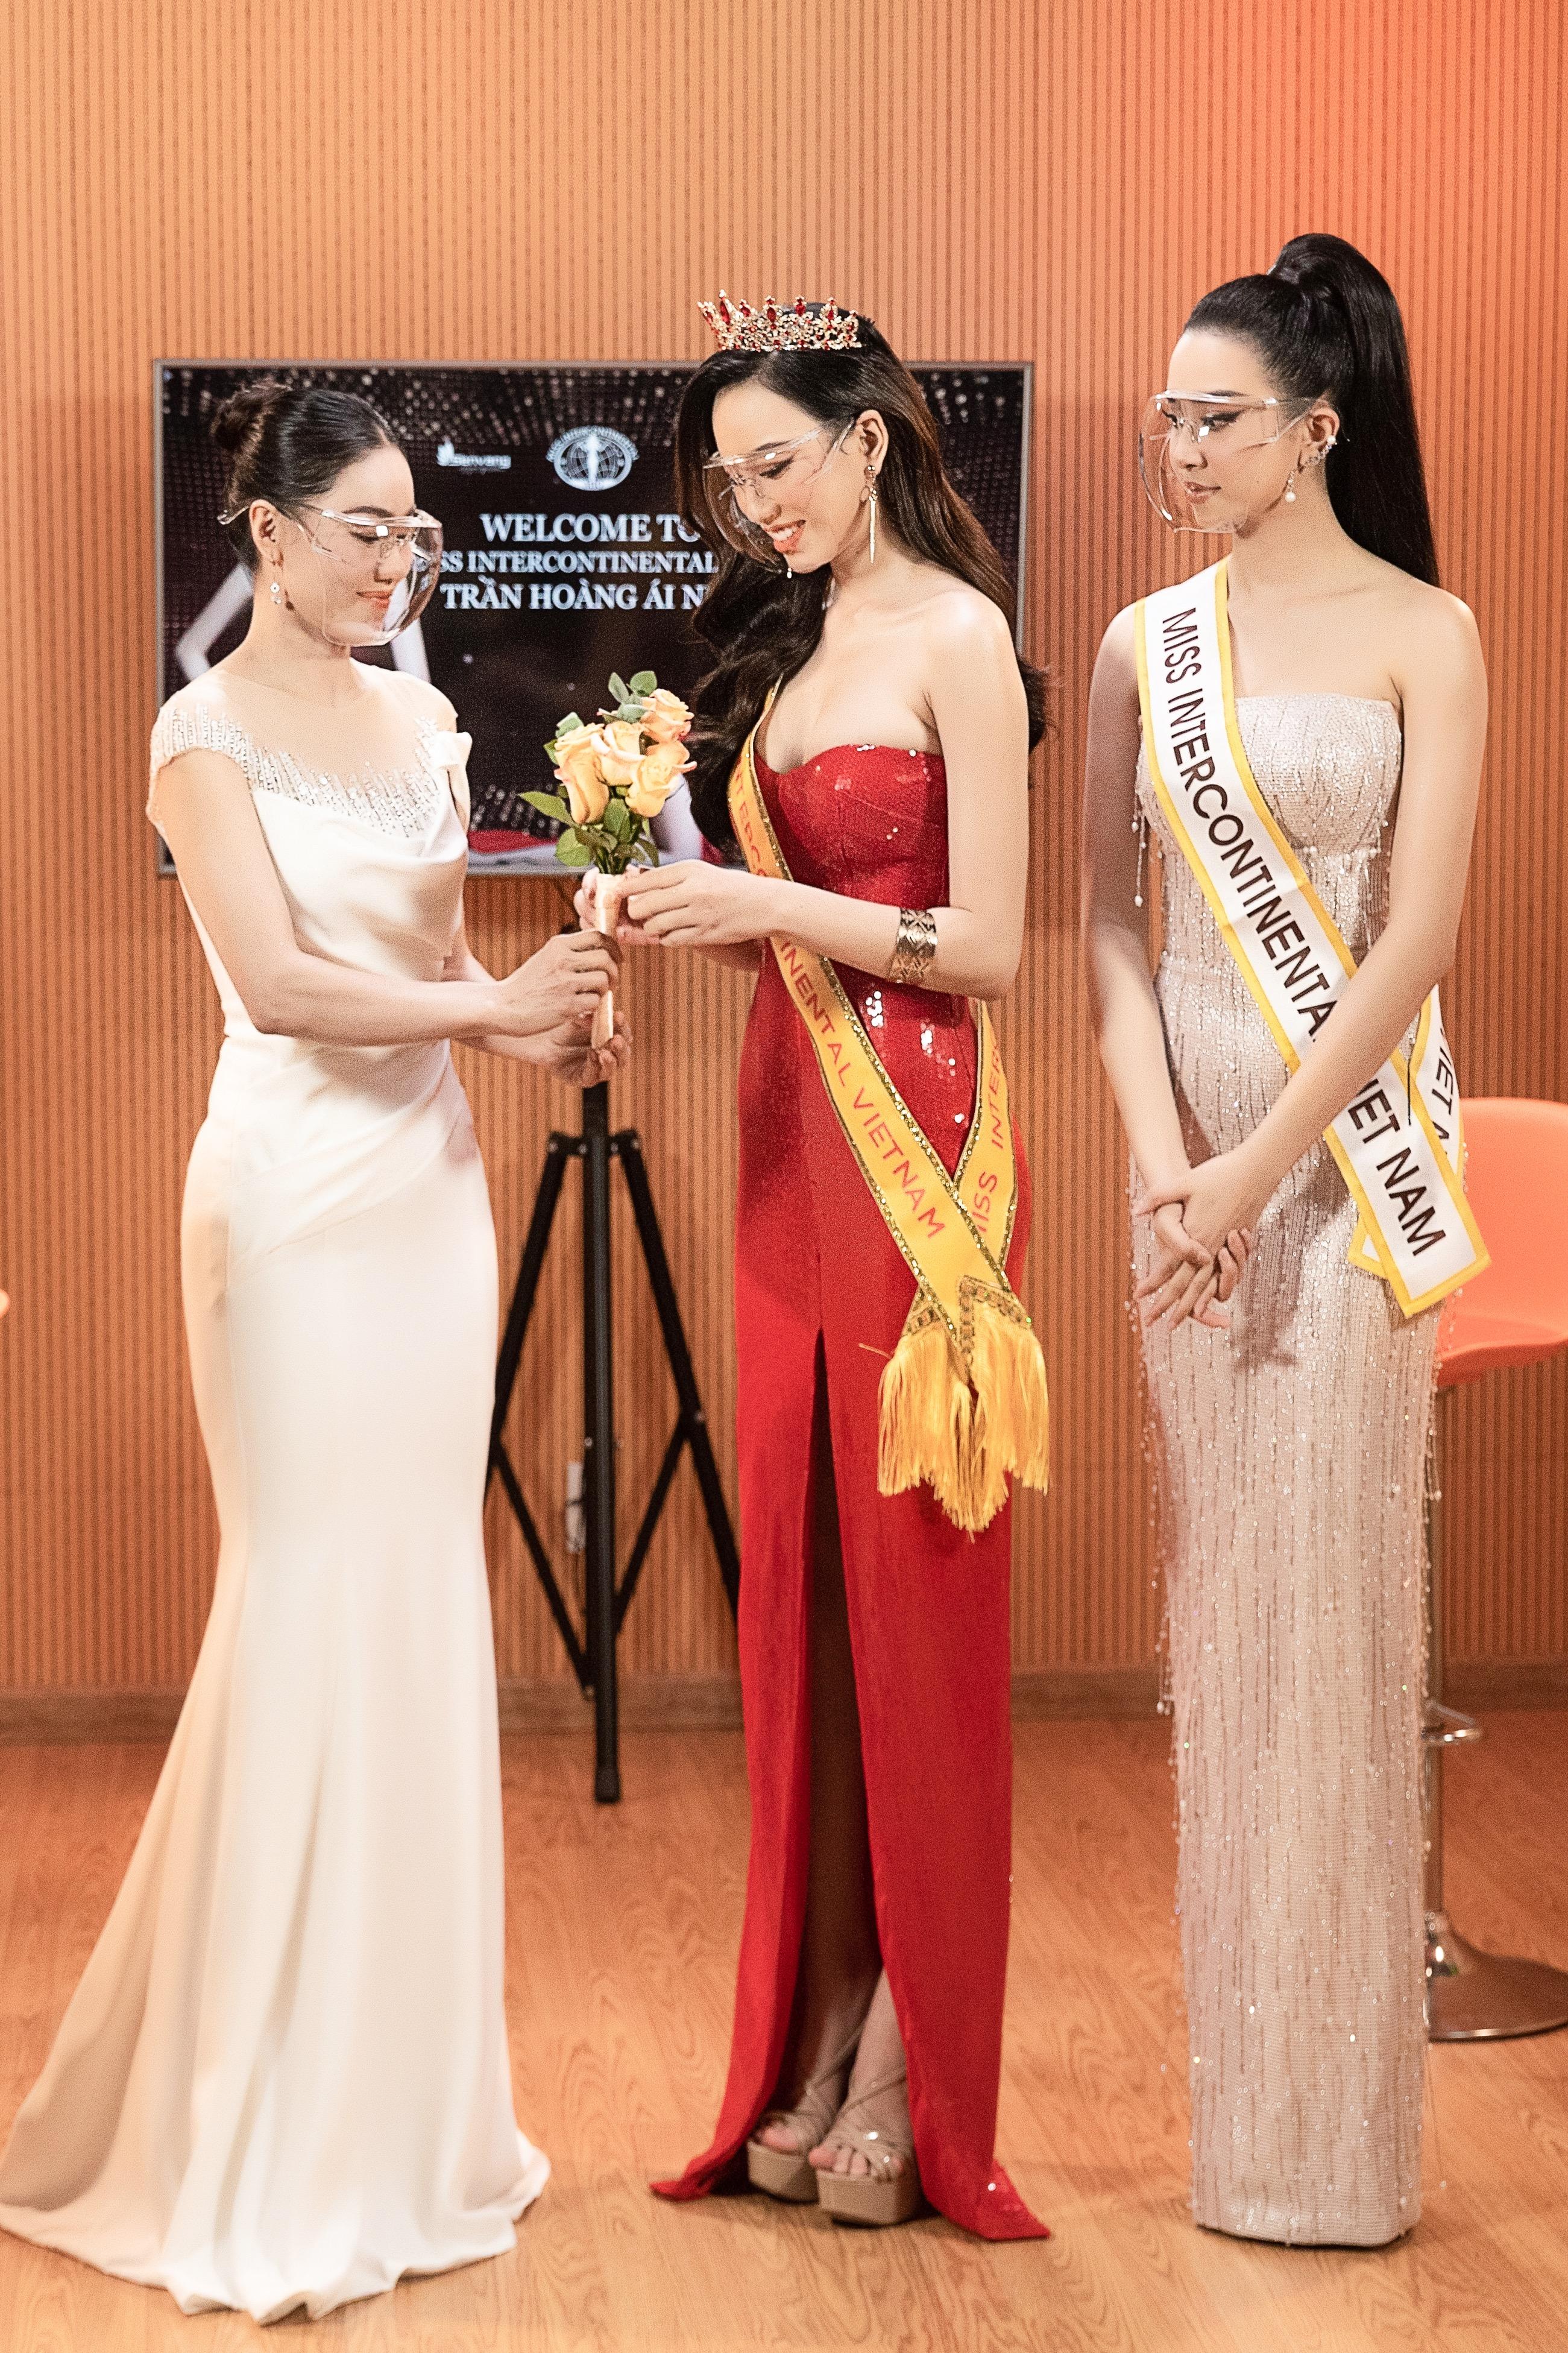 """Mới đây, """"bà trùm Hoa hậu"""" Phạm Kim Dung - Giám đốc Sen Vang Entertainment (đơn vị nắm giữ bản quyền các cuộc thi quốc tế), đã tổ chức buổi công bố đại diện Việt Nam tại Miss Intercontinental 2021. Không ai khác, người đẹp Trần Hoàng Ái Nhi đã được gọi tên trong buổi livestream."""